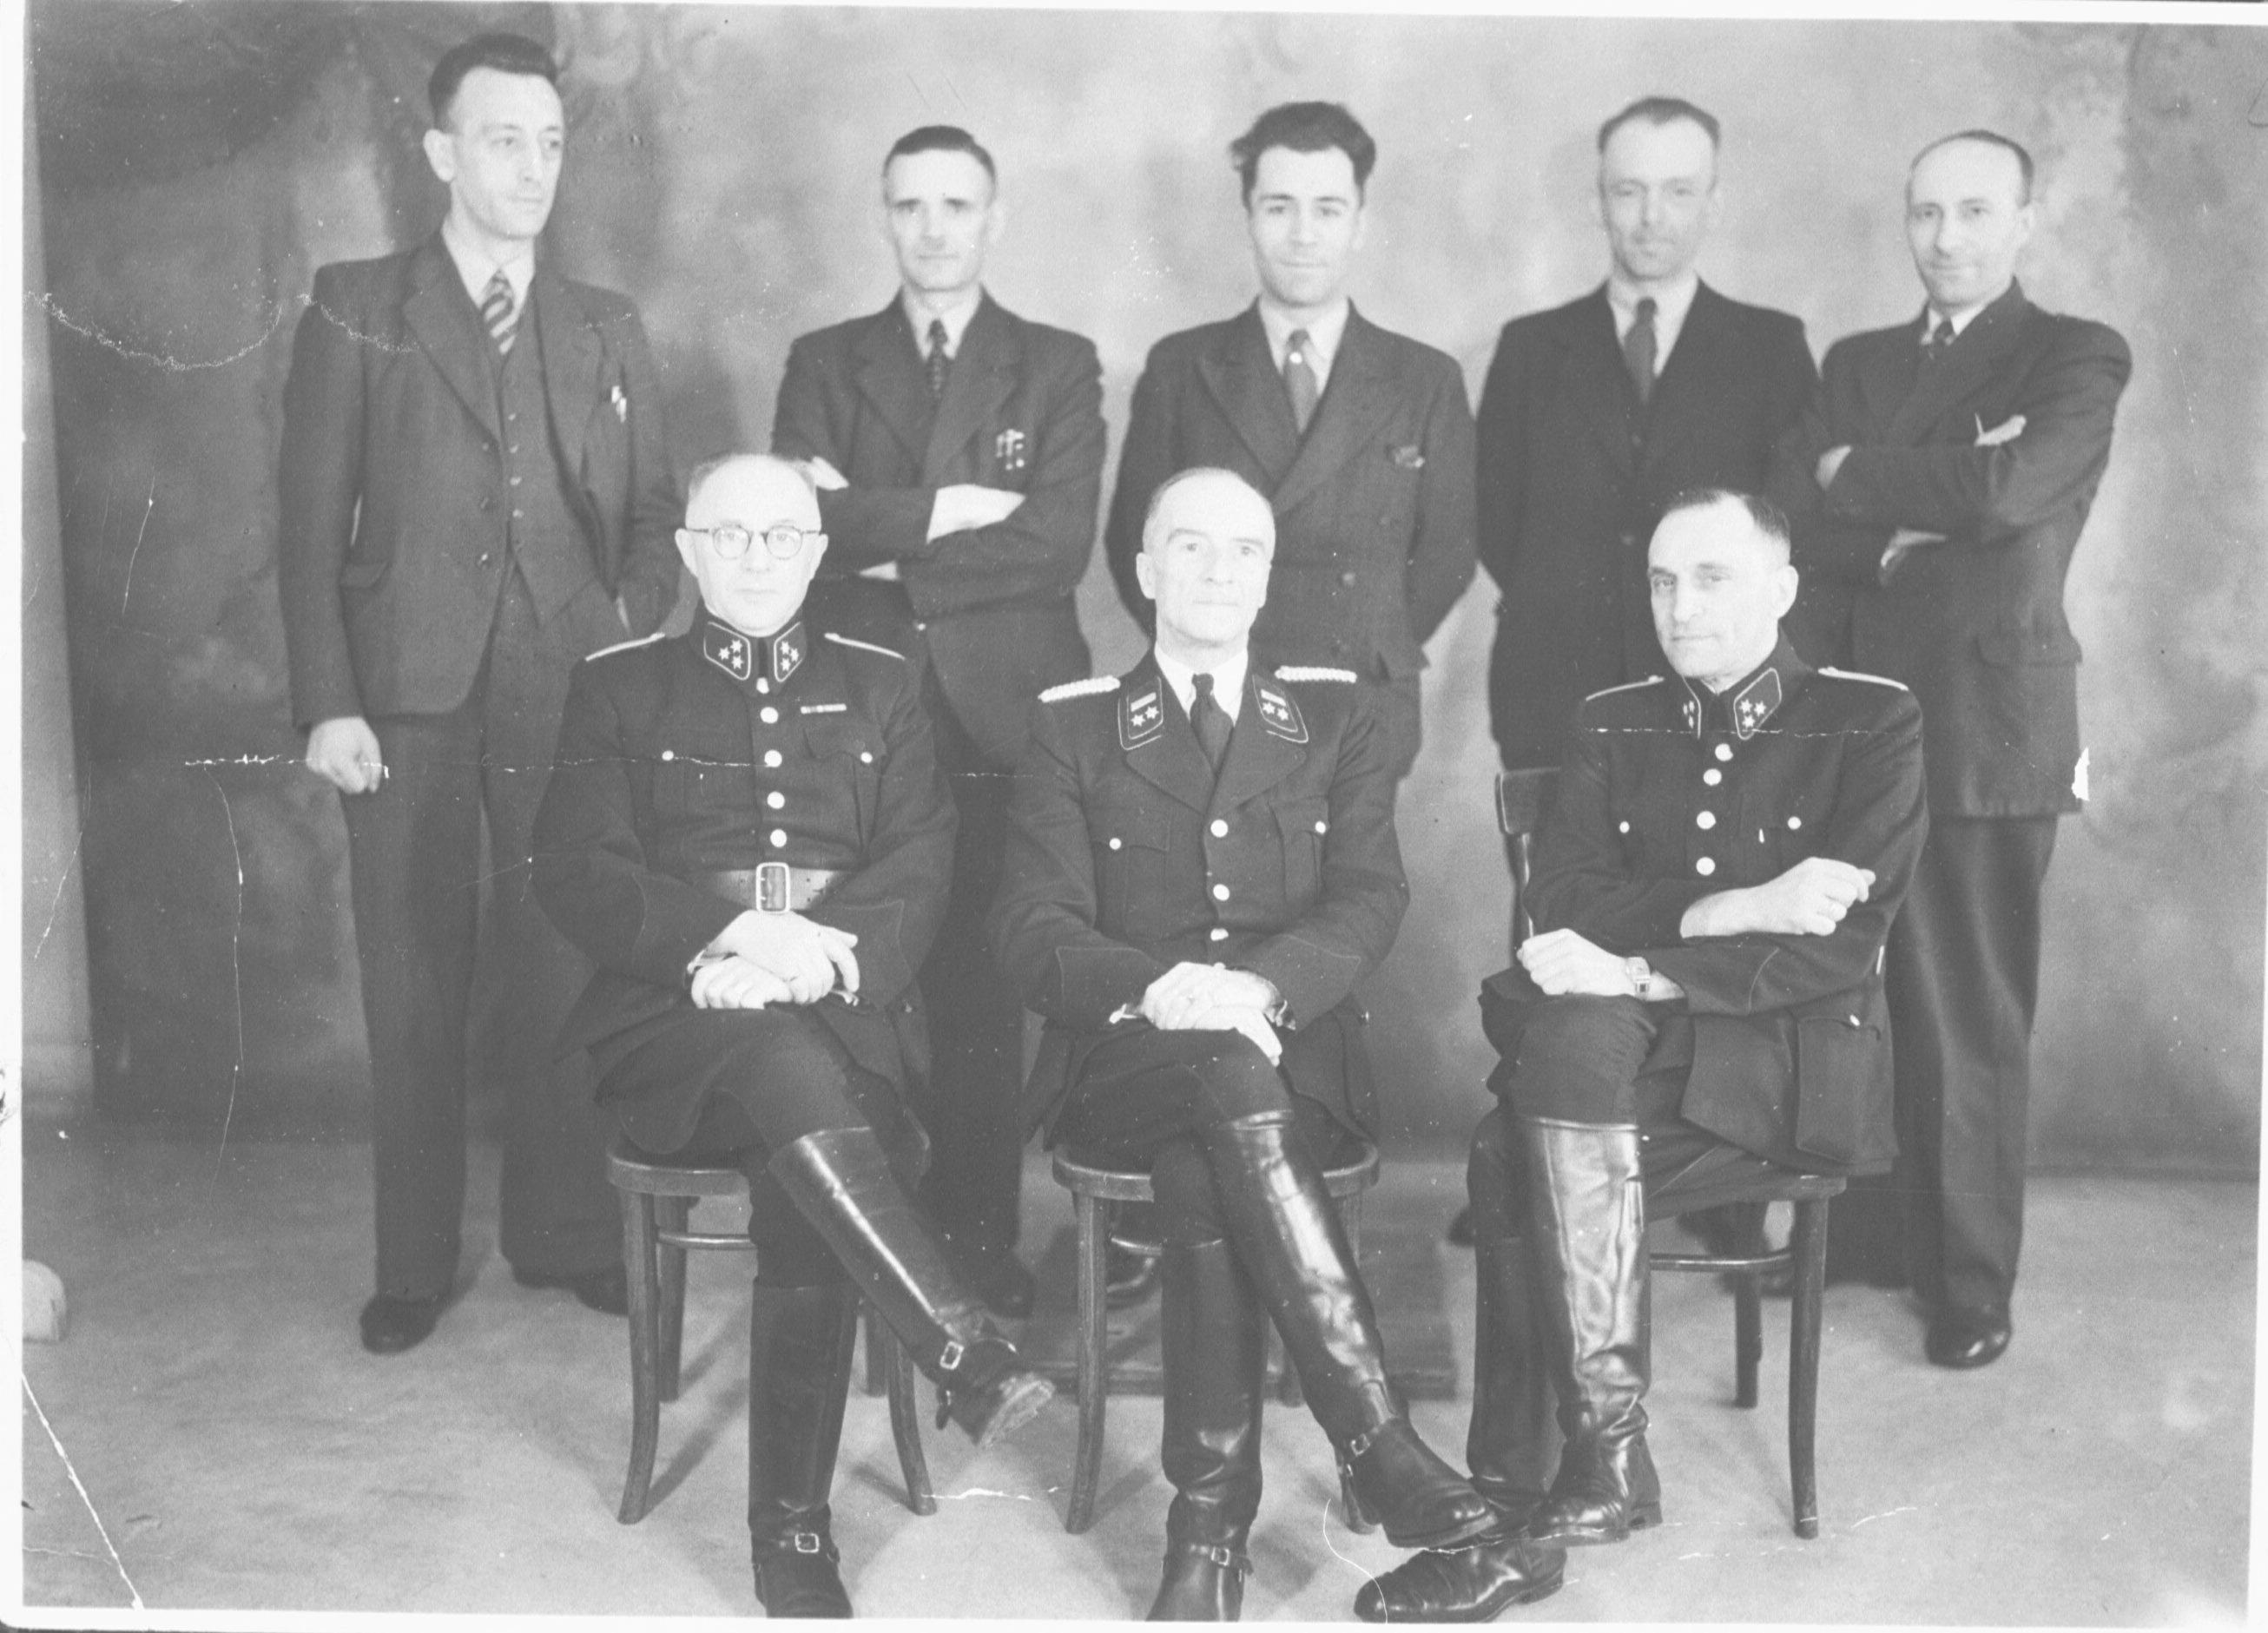 In het midden zit Gerardus Johannes Kerlen. De foto is gemaakt tussen 1941-1943.